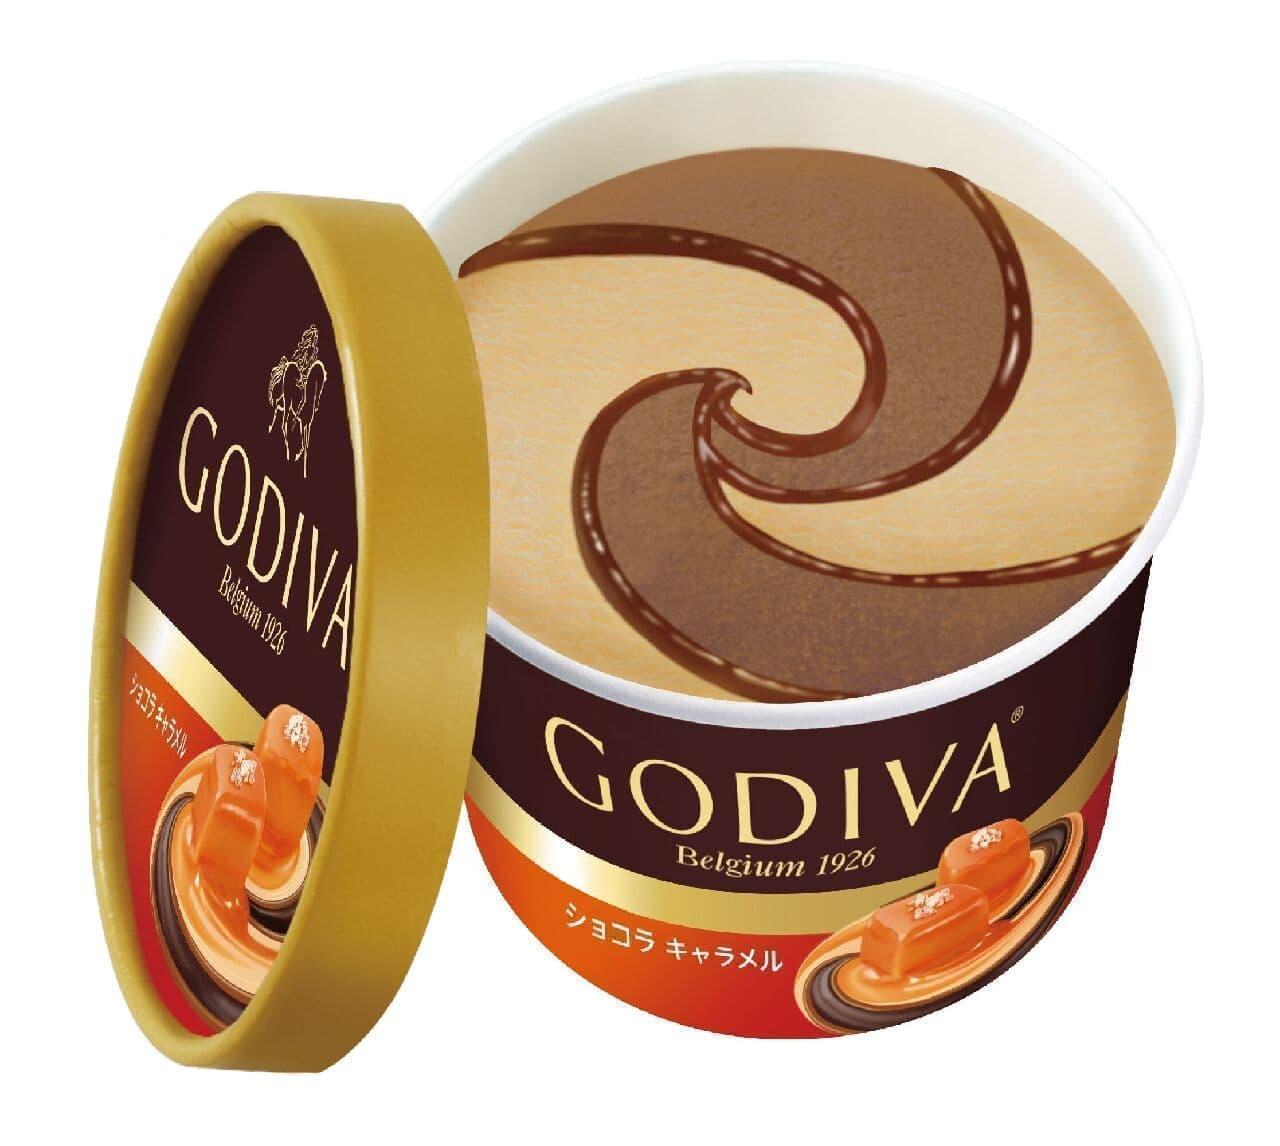 ゴディバ カップアイス「ショコラ キャラメル」